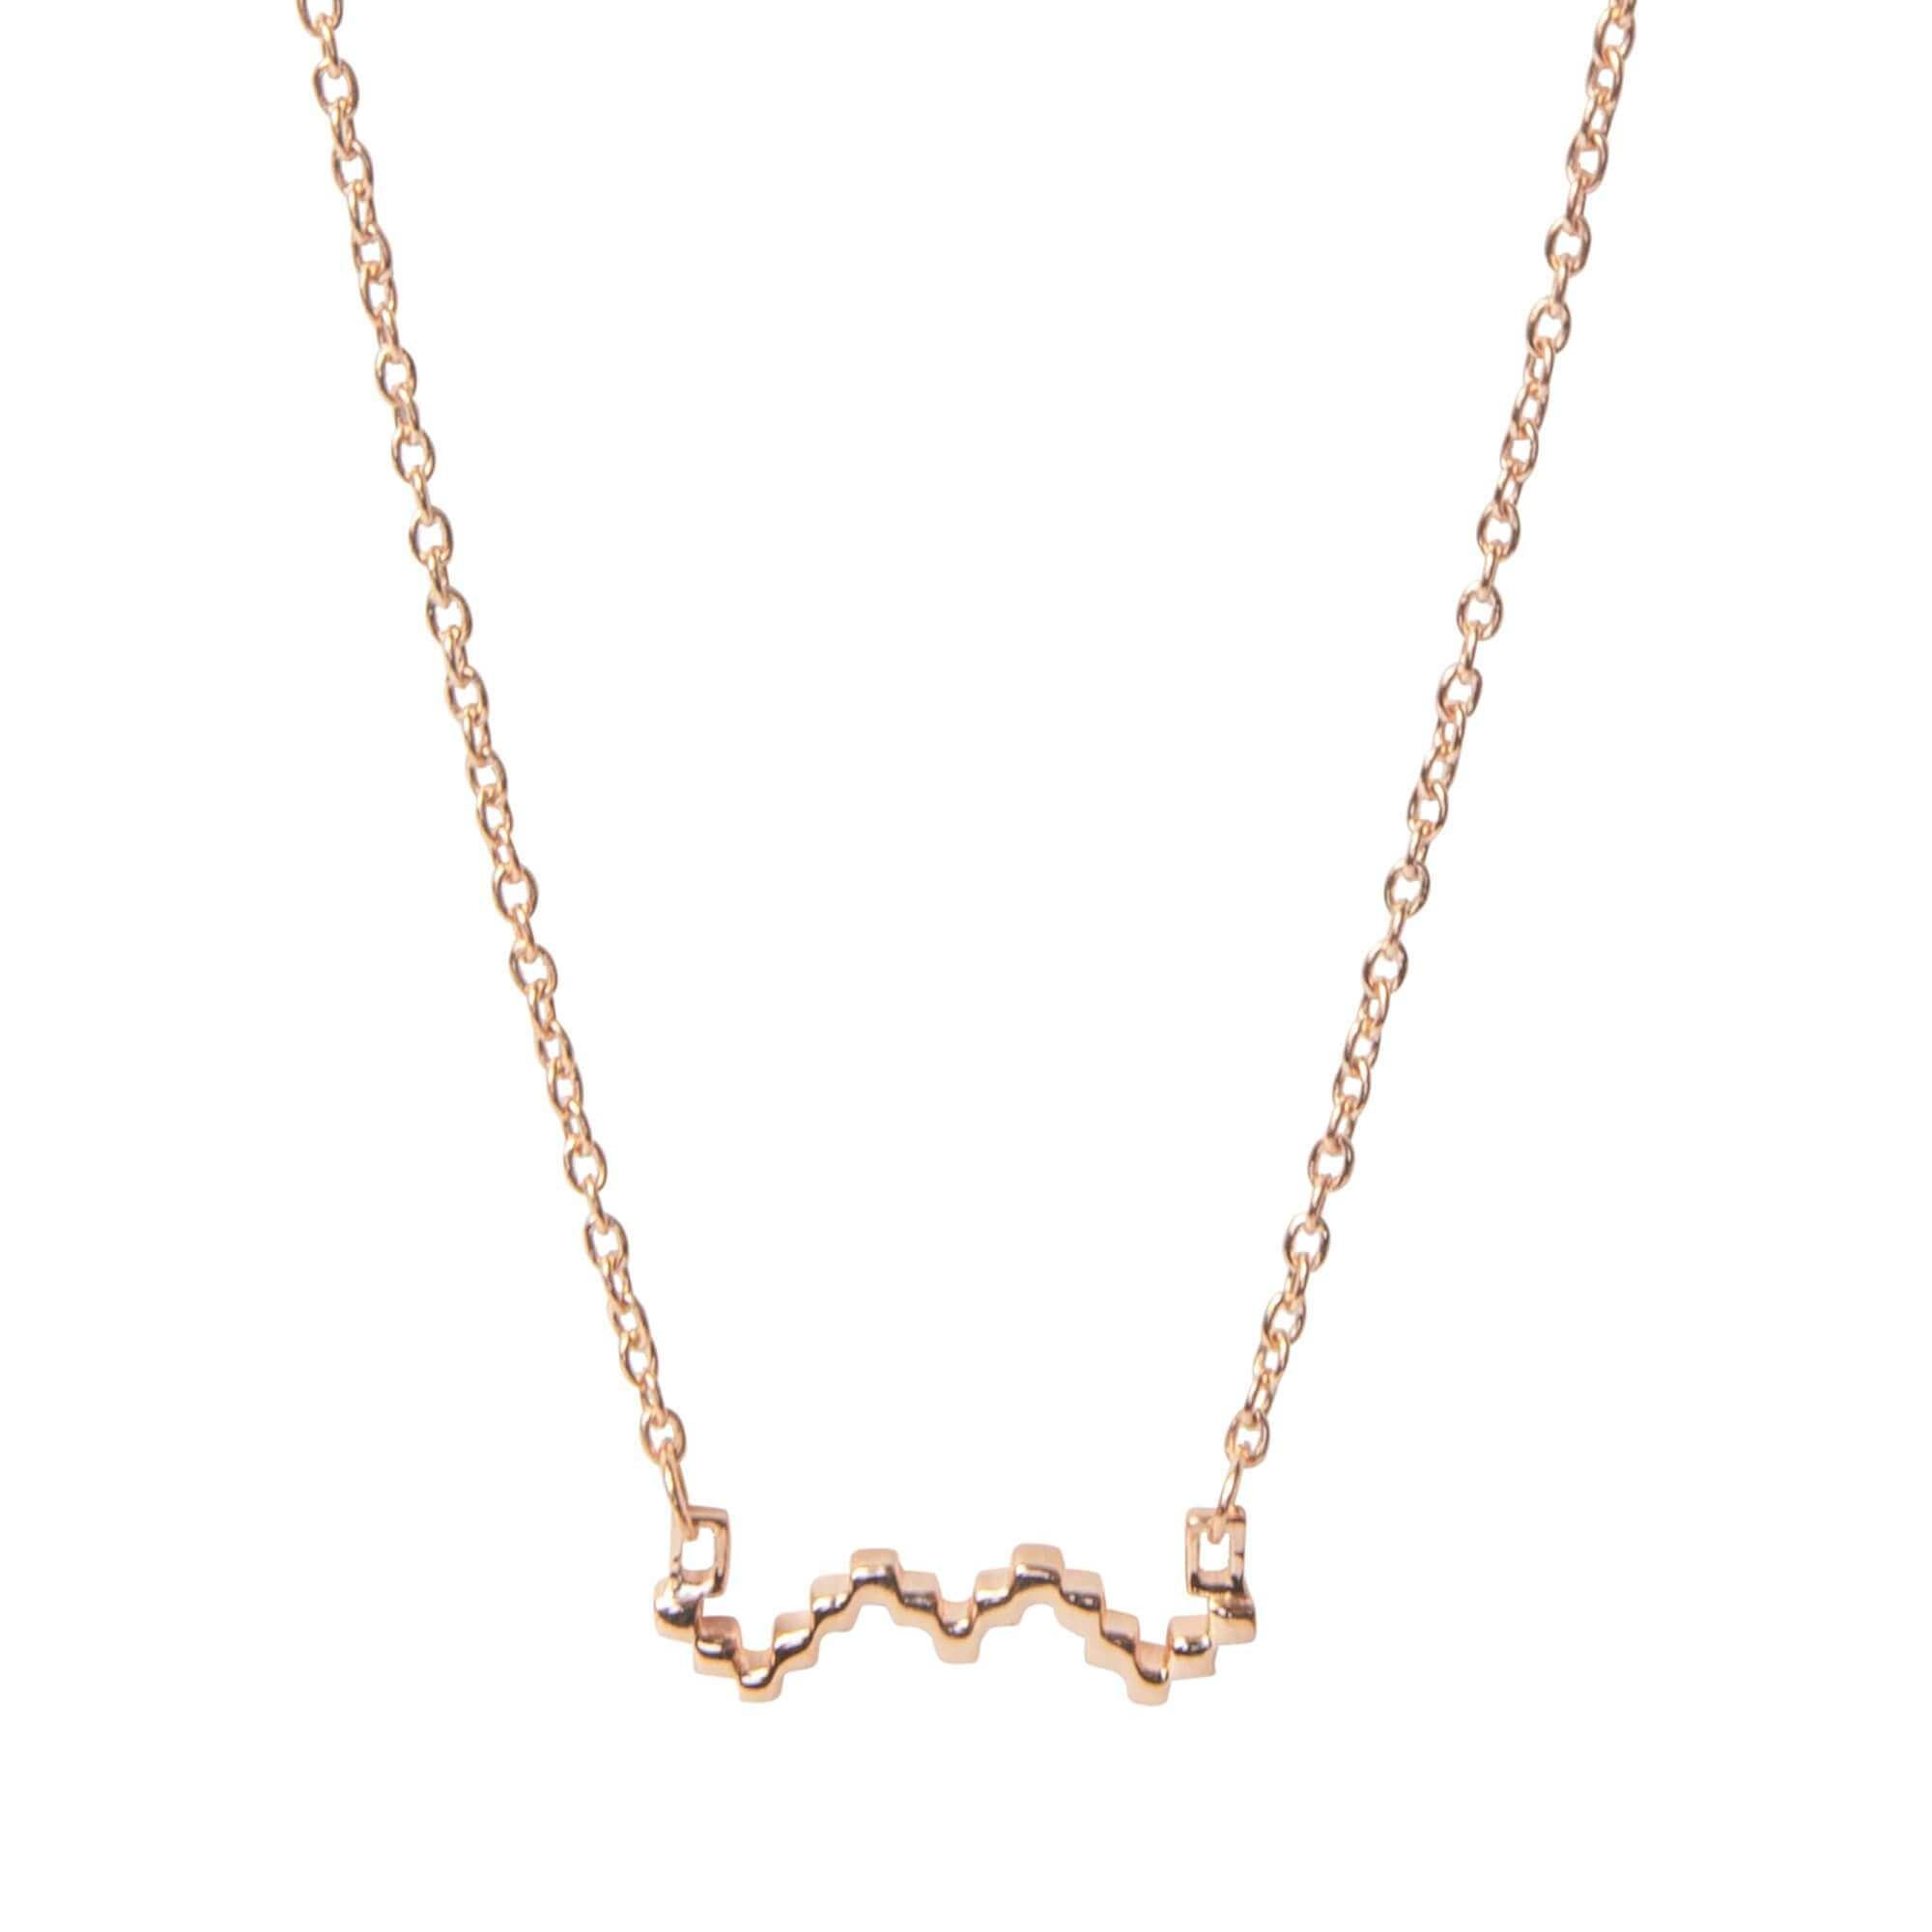 Baori Silhouette Necklace